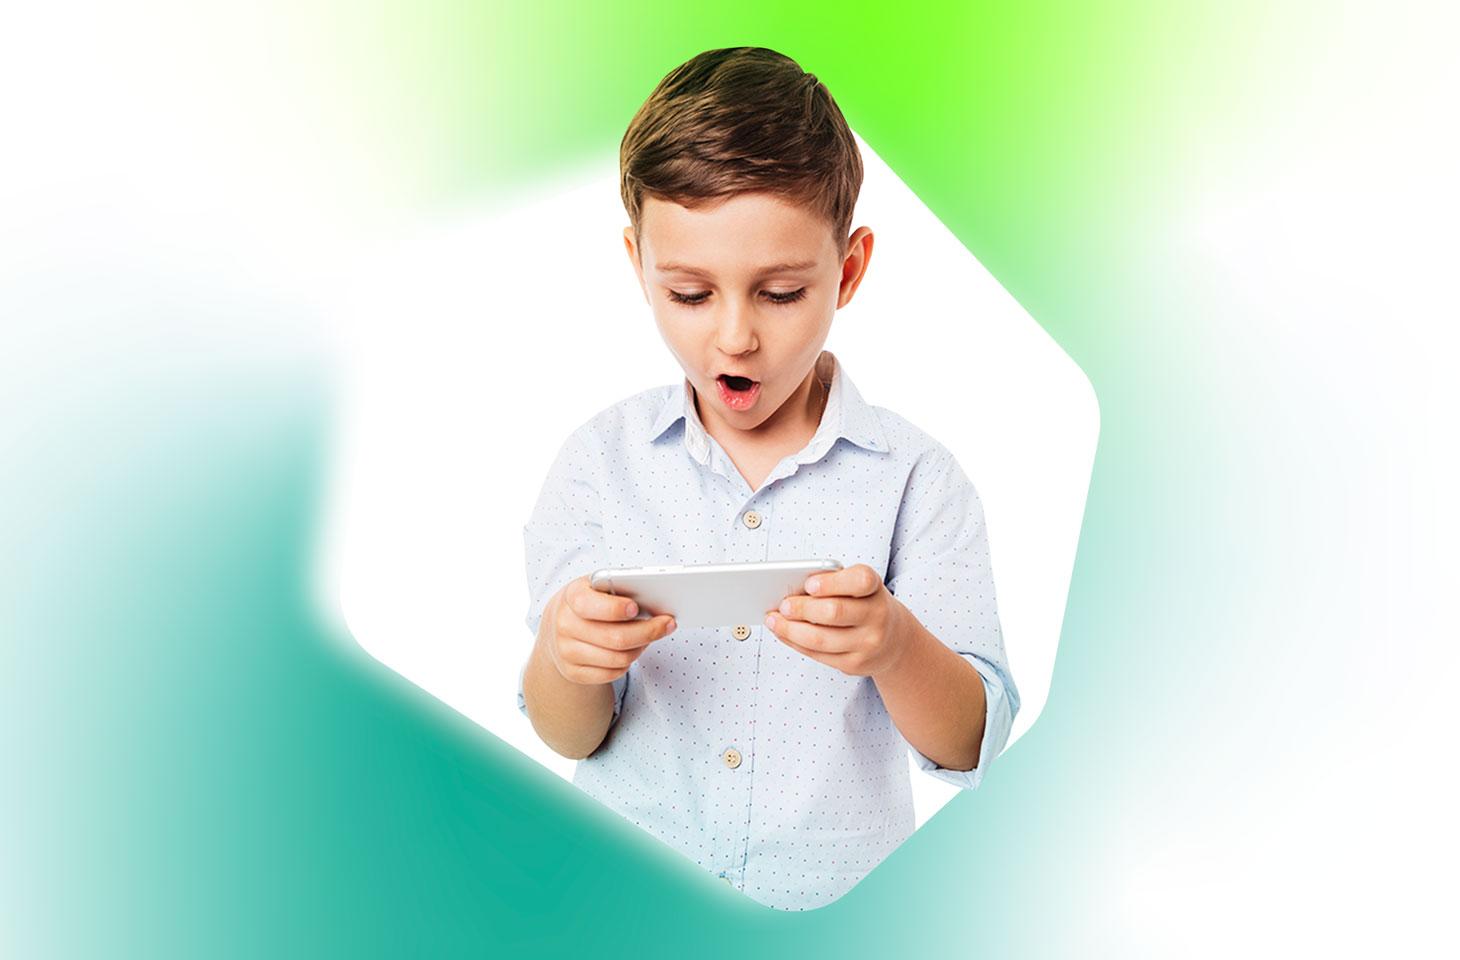 子どもがスマートフォンを安全に使えるように